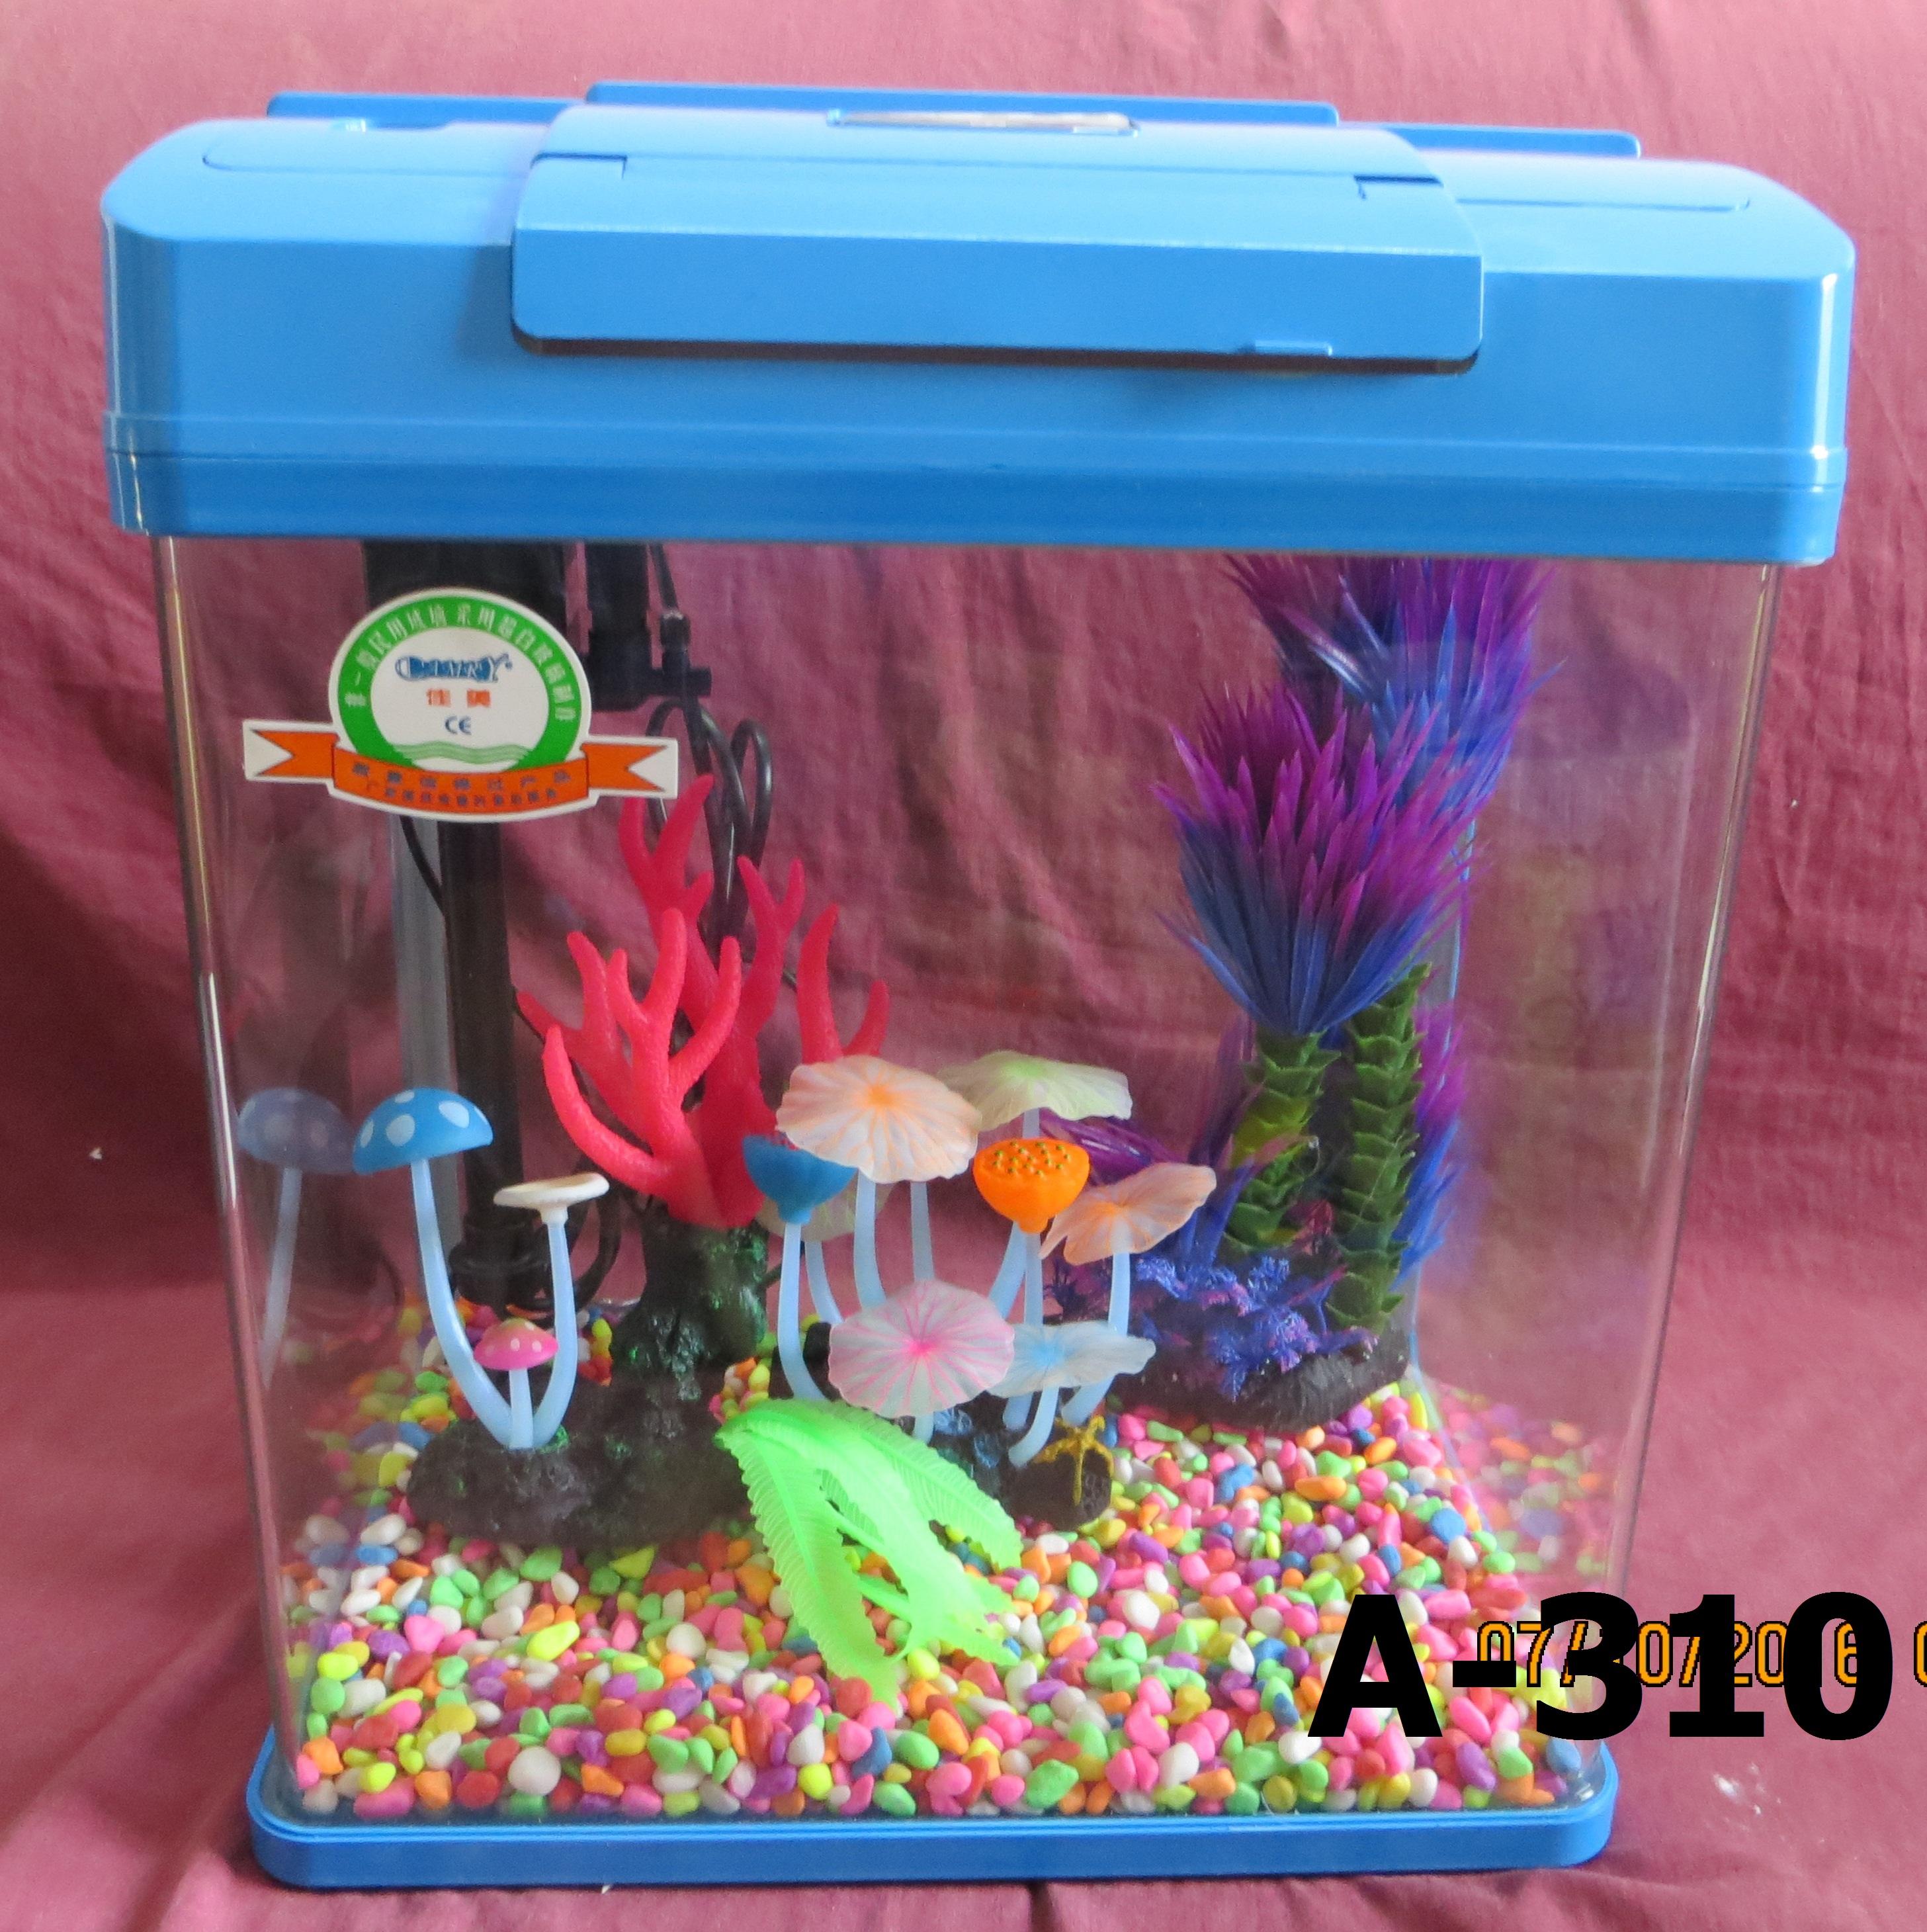 Fish aquarium in rawalpindi - Fish Aquarium In Rawalpindi